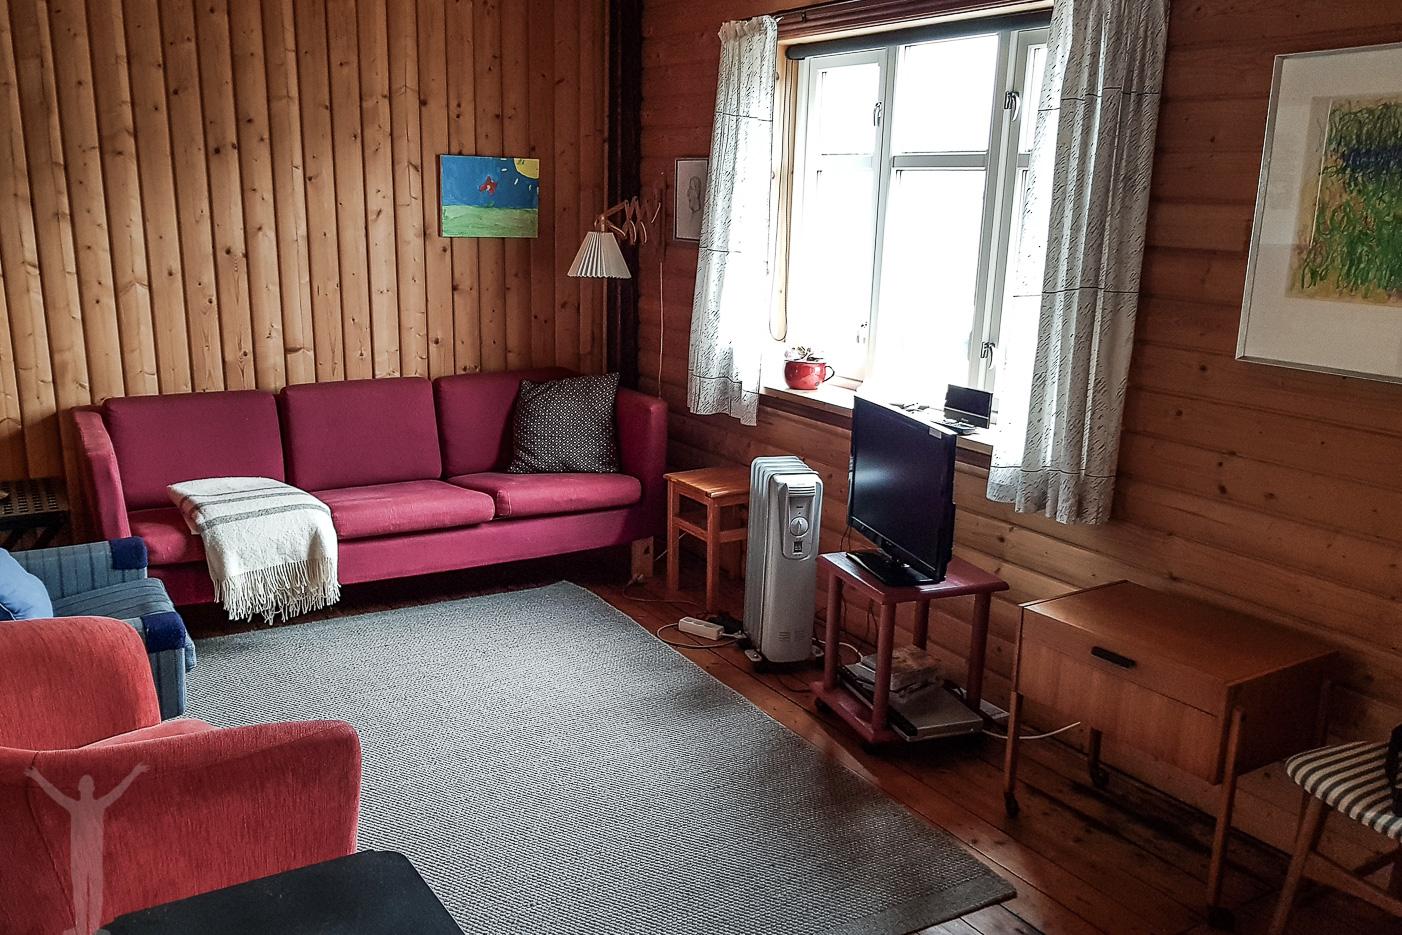 Vardagsrummet i vårt hus